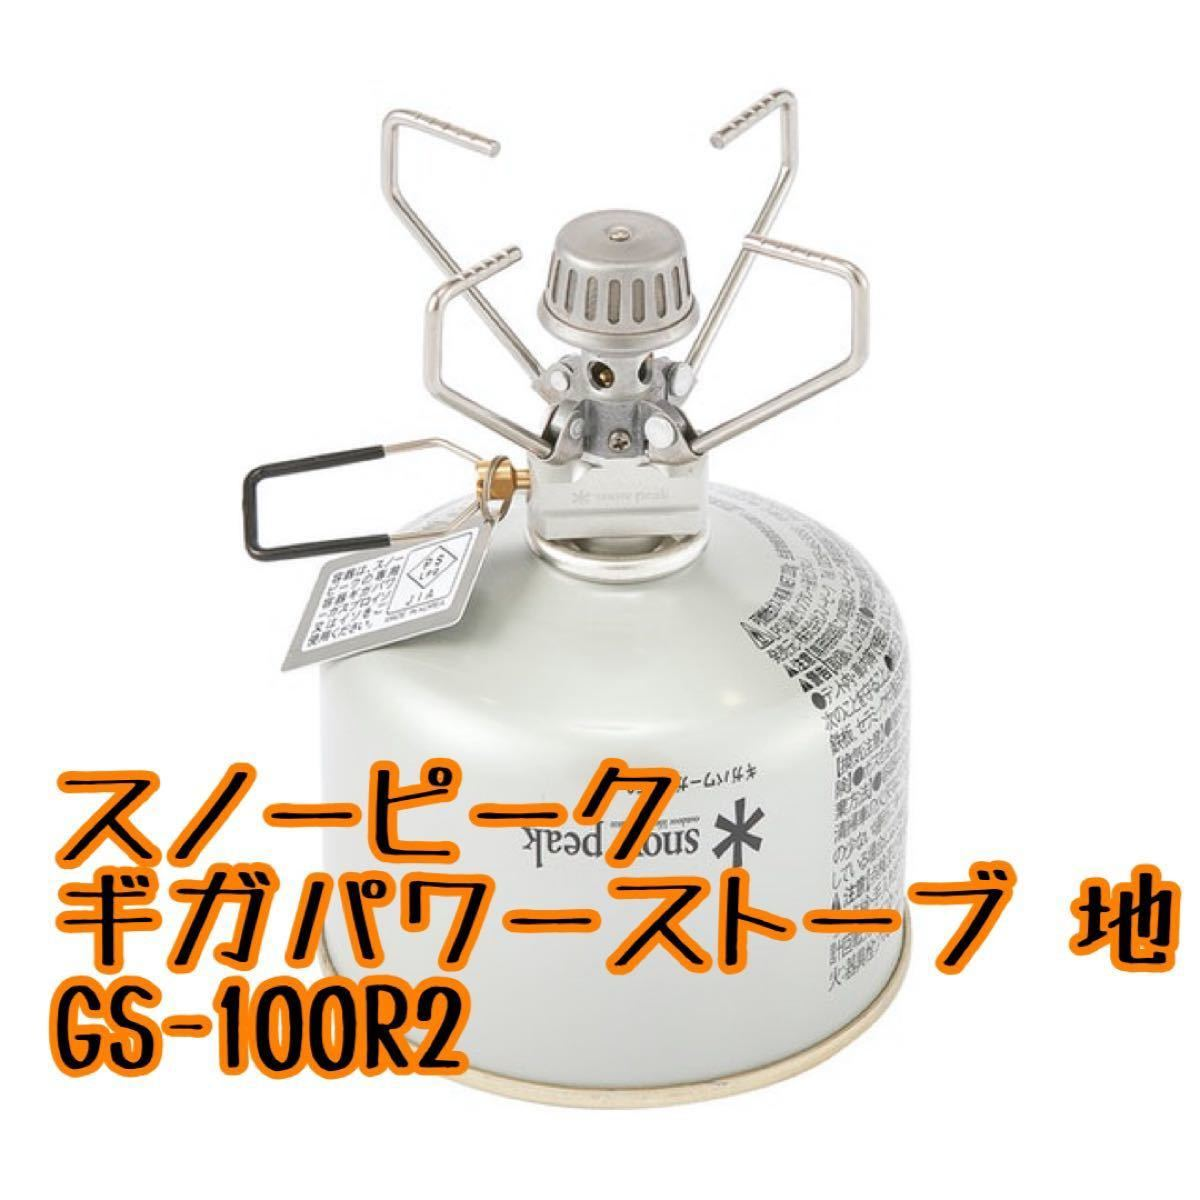 スノーピーク シングルバーナー ギガパワーストーブ 地 GS-100R2